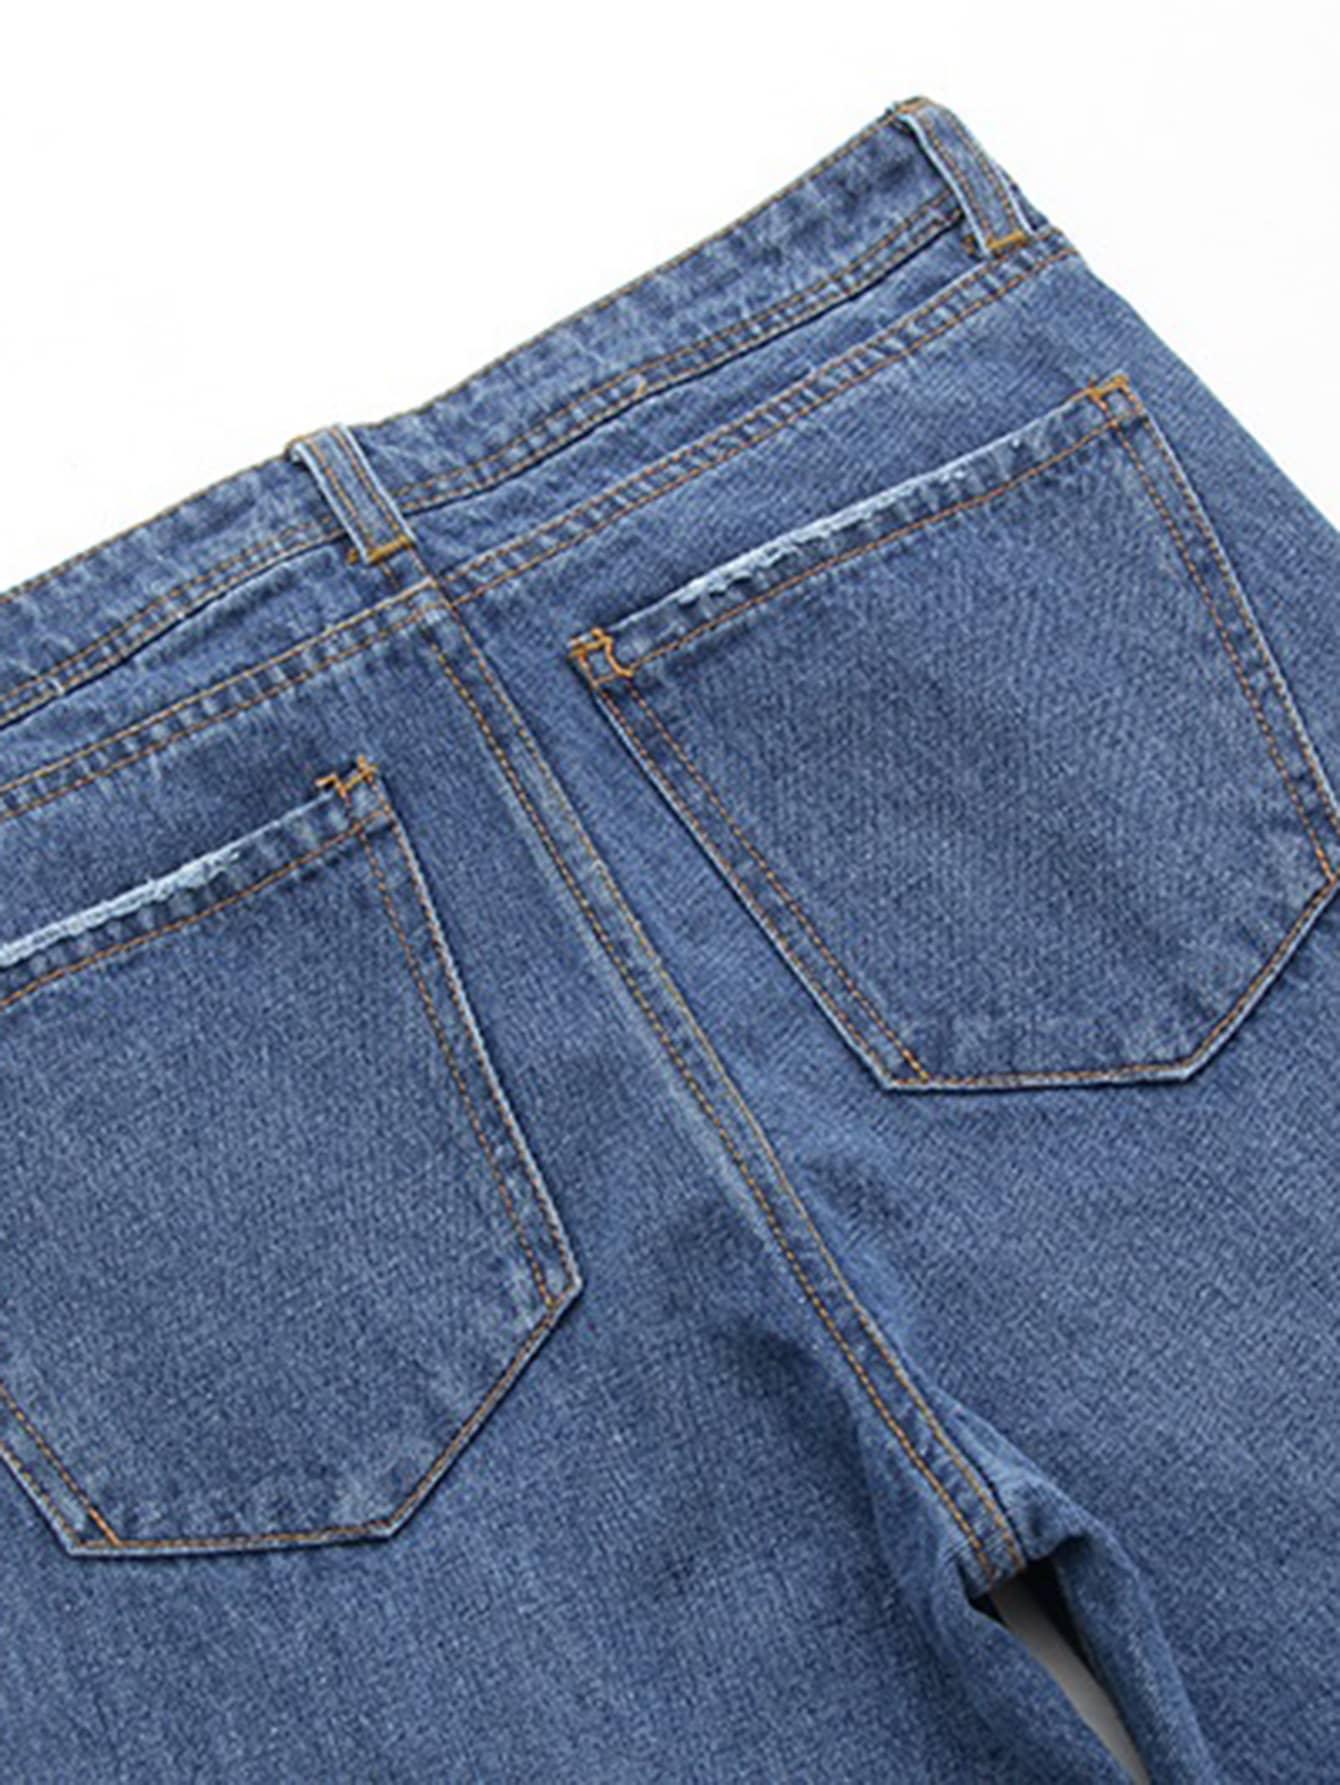 pants170421202_2